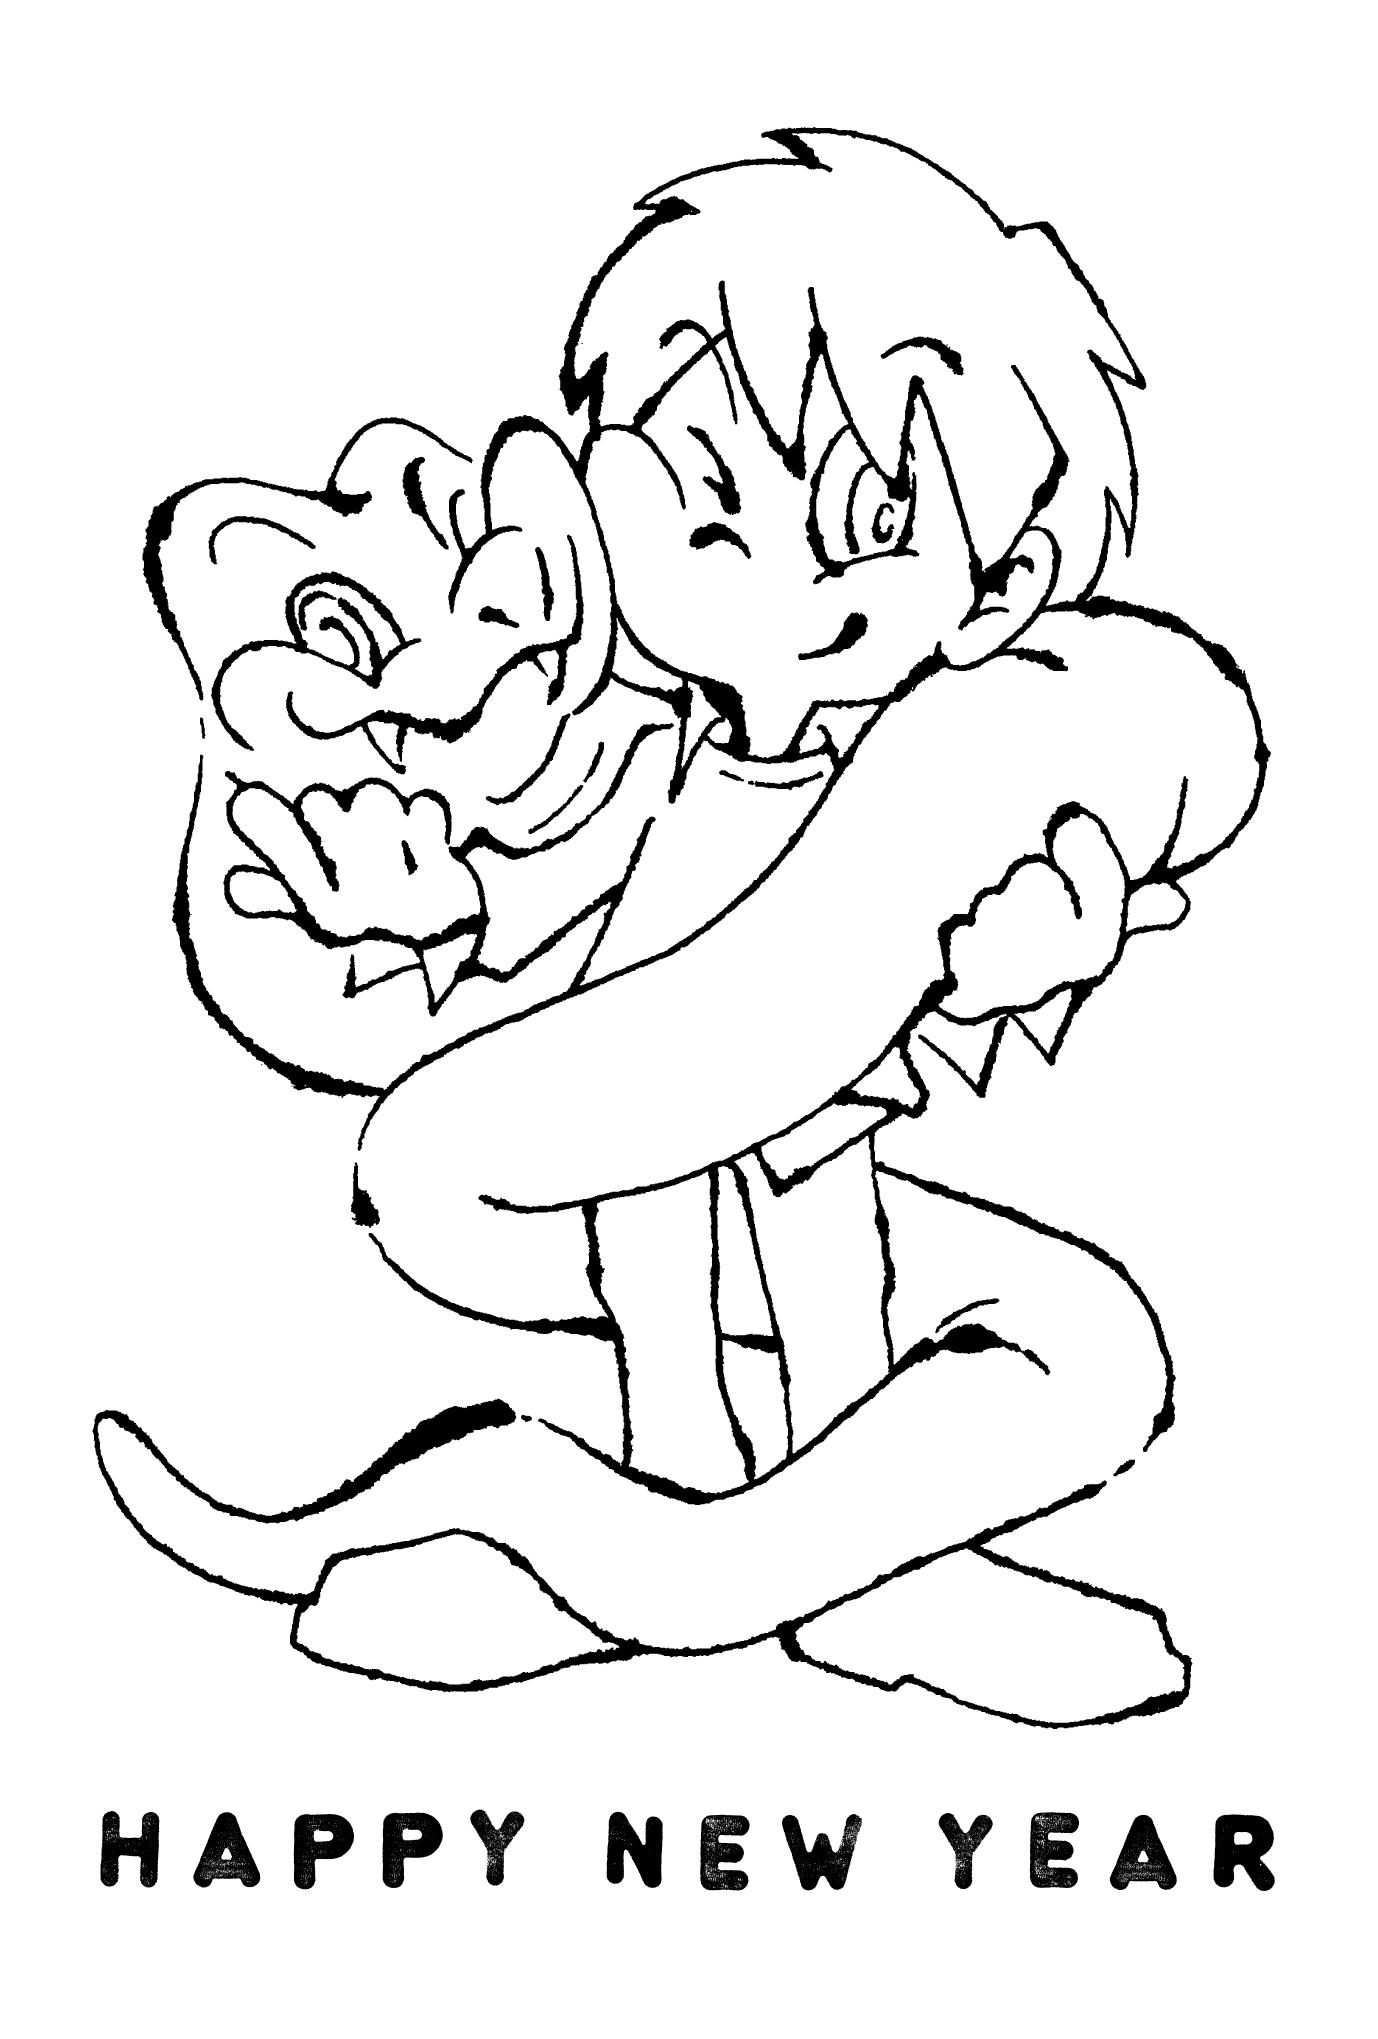 2013年賀状25-2:Snake Boy / line drawingのダウンロード画像